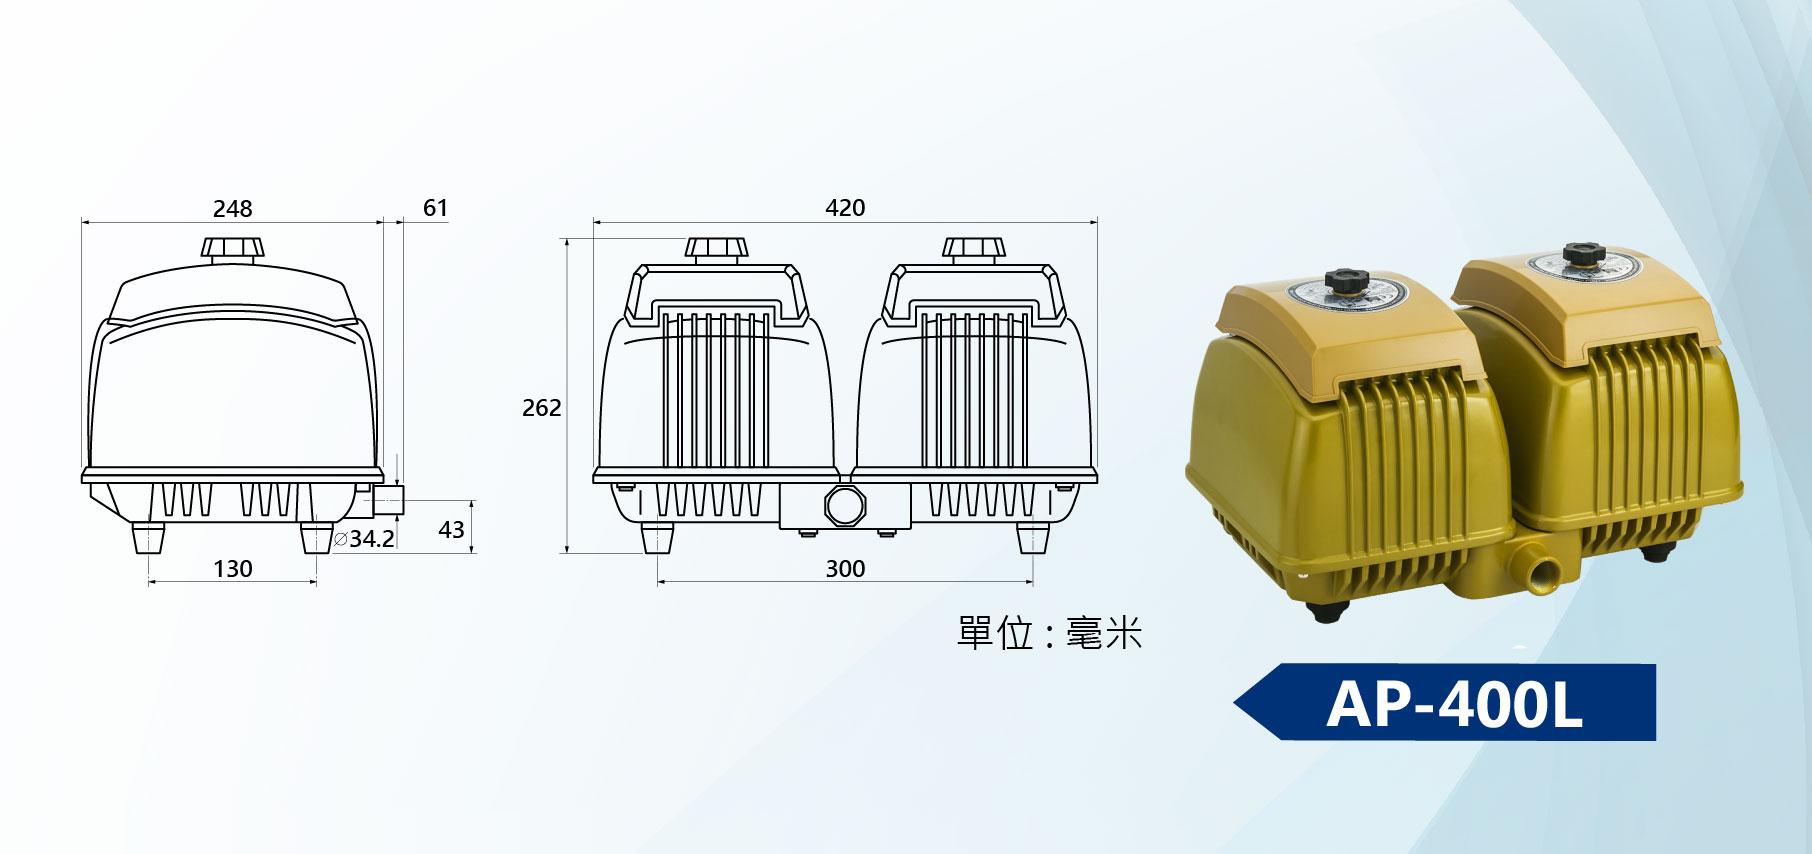 AP-400L Linear Air Pump Dimension